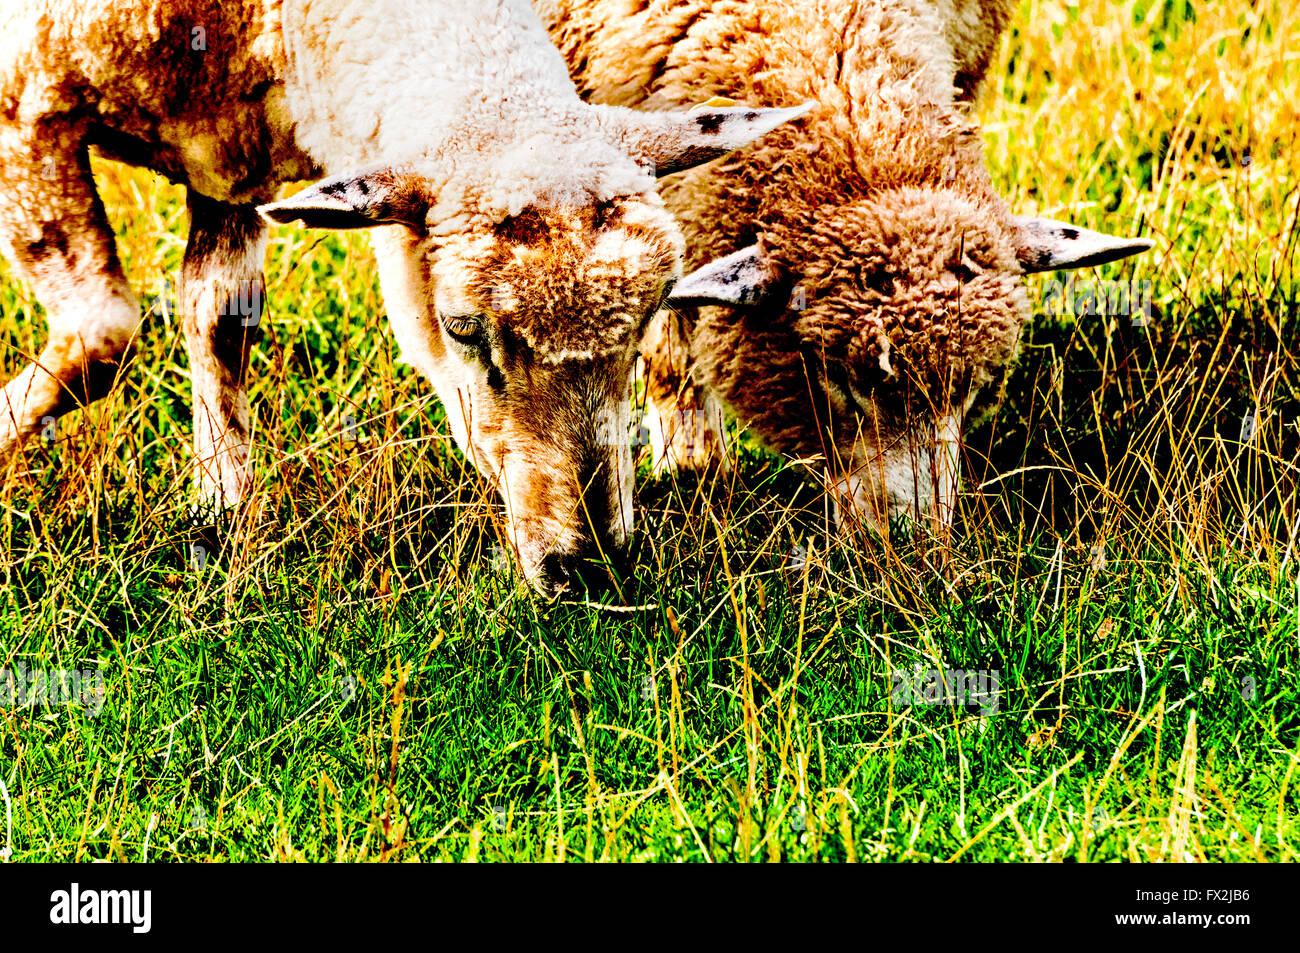 Sheeps grazing on a dyke in northern Germany; Schafe grasen auf einem Deich in Norddeutschland - Stock Image